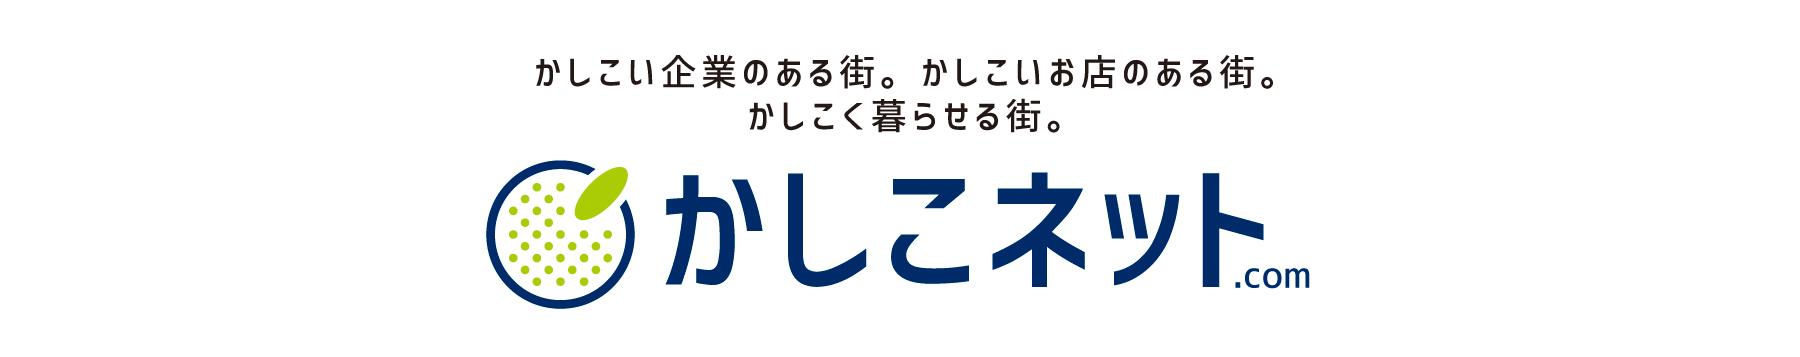 かしこネット.com